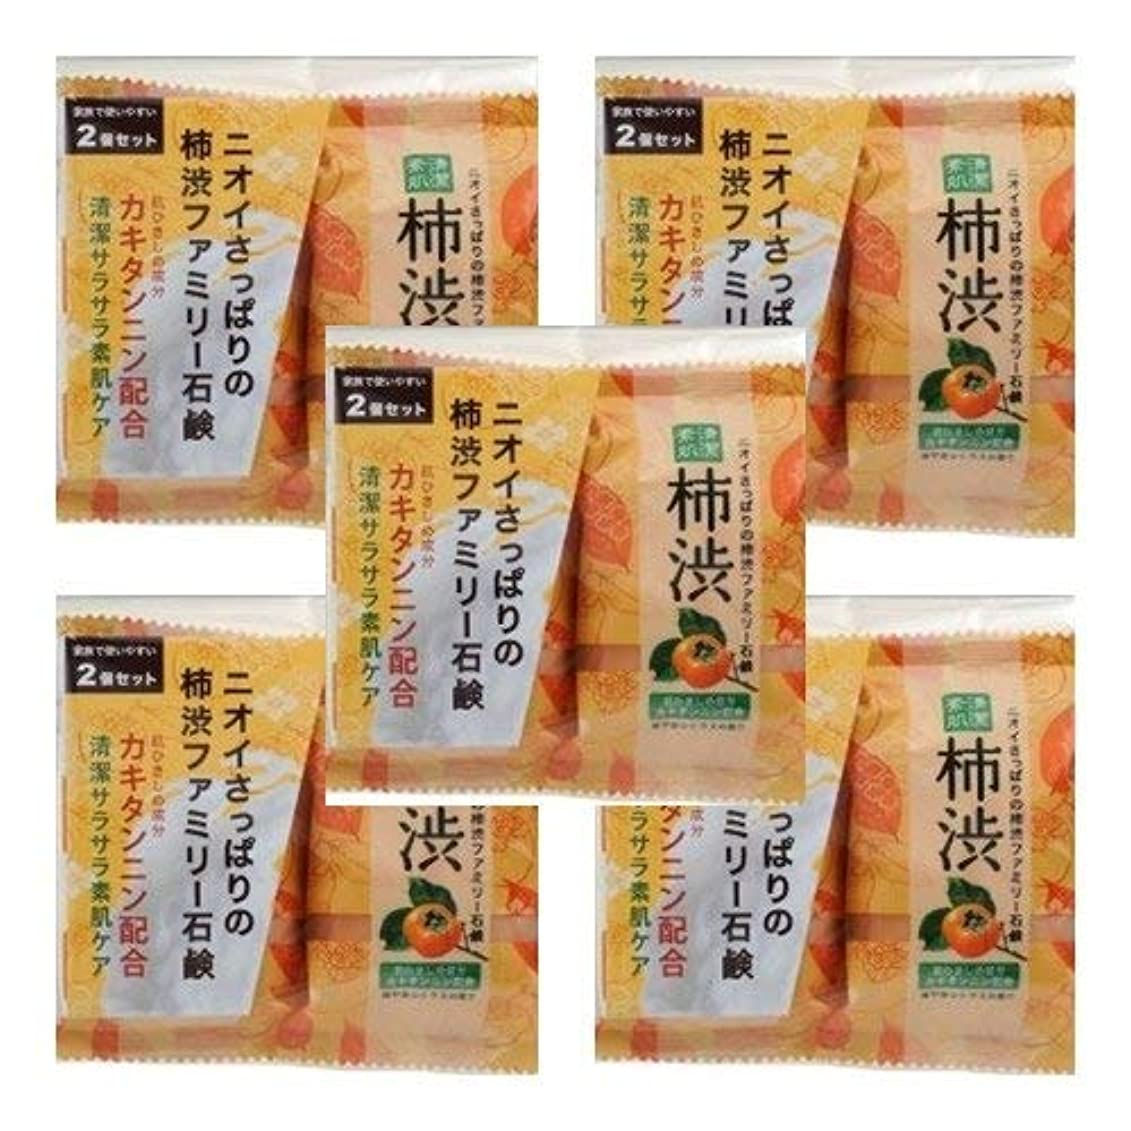 びっくりする藤色魔女ペリカン石鹸 ファミリー柿渋石けん 2個入×5点セット